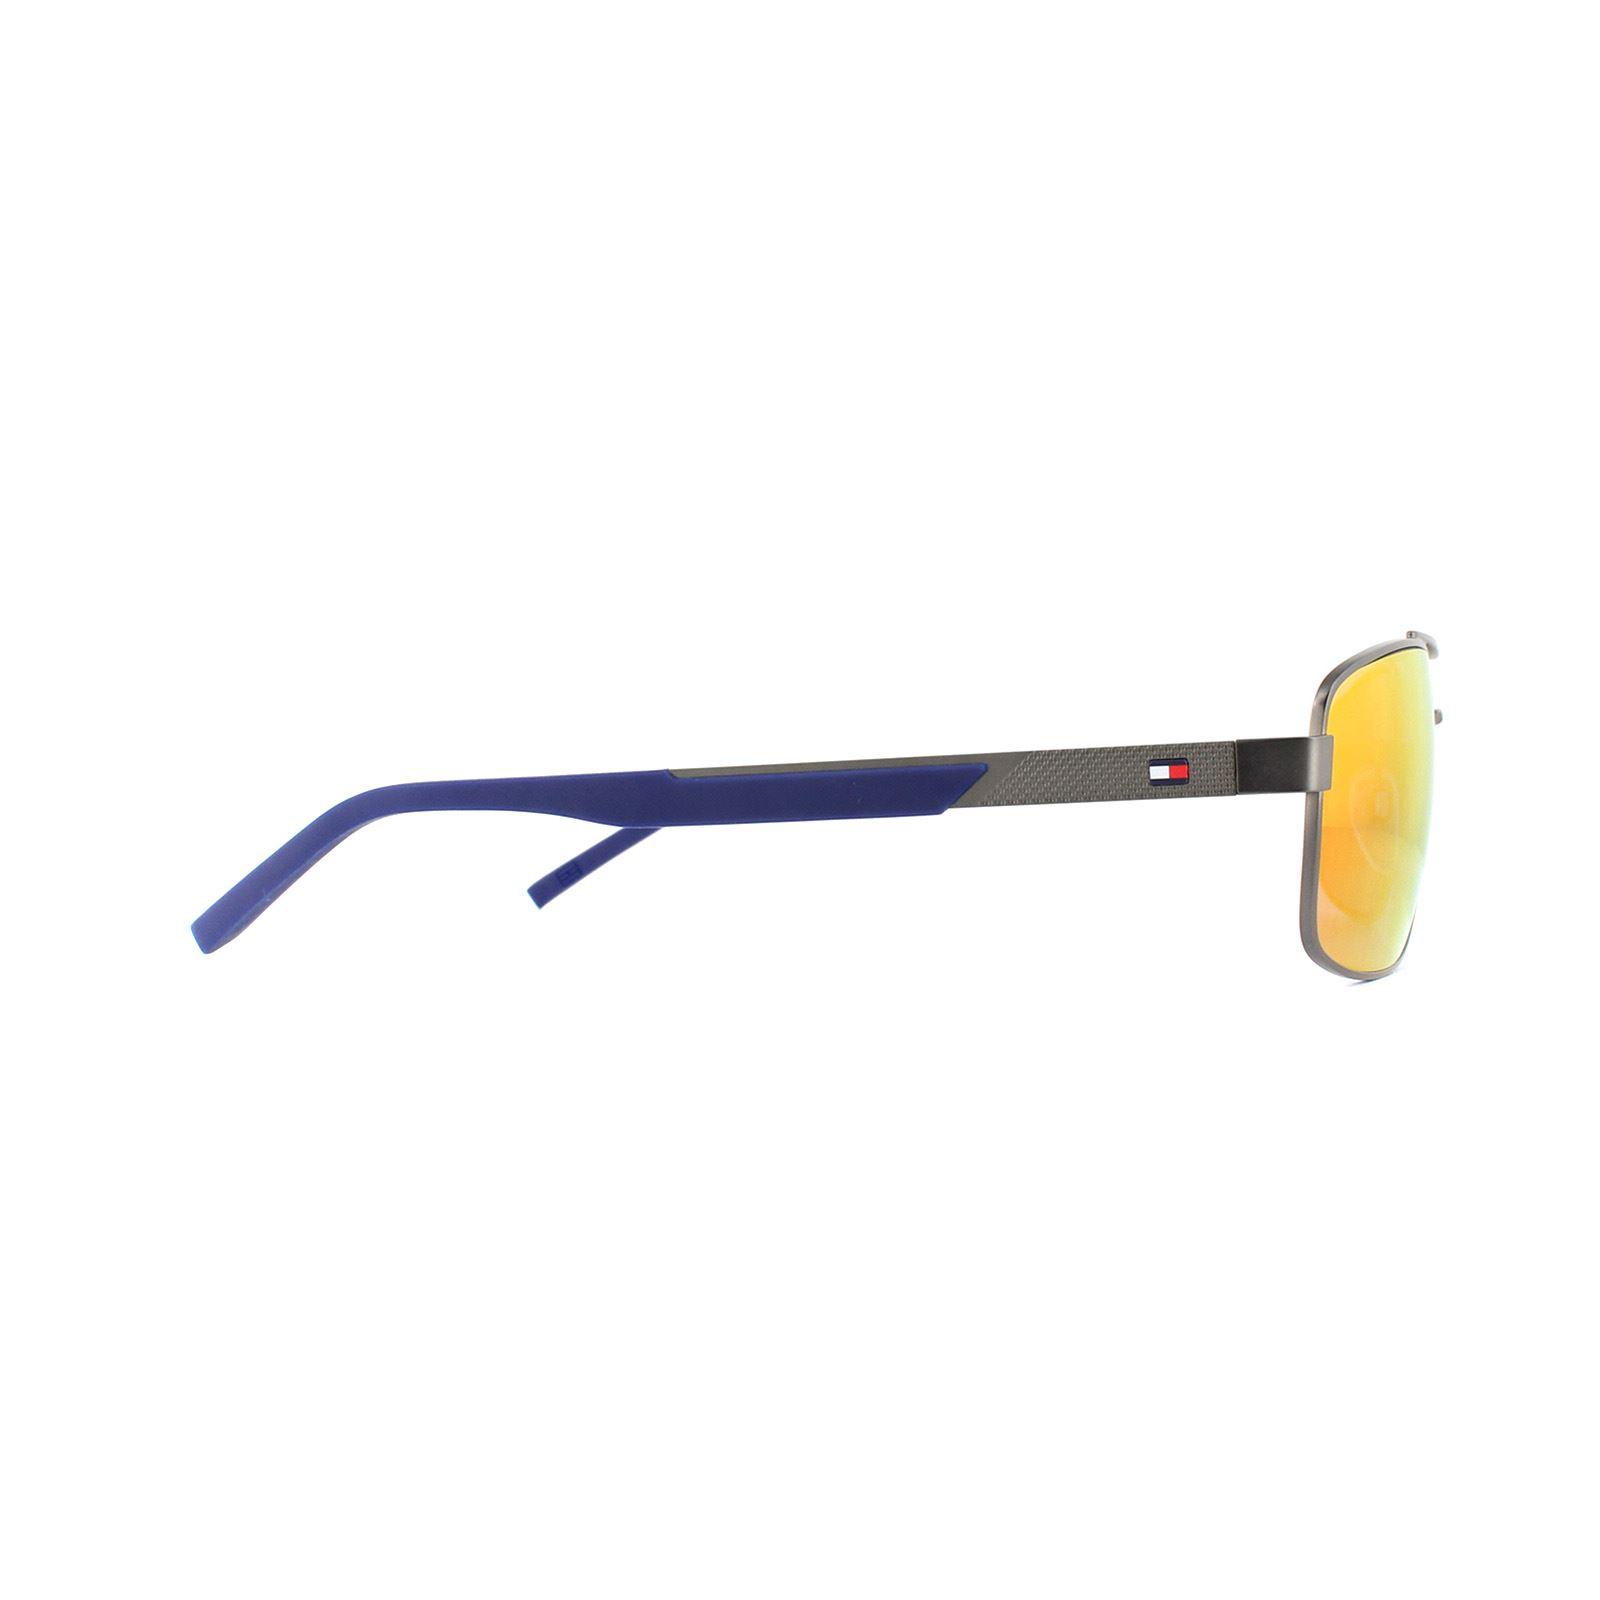 Tommy Hilfiger Sunglasses TH 1674//S R80 MI Dark Ruthenium Grey Infrared Mirror